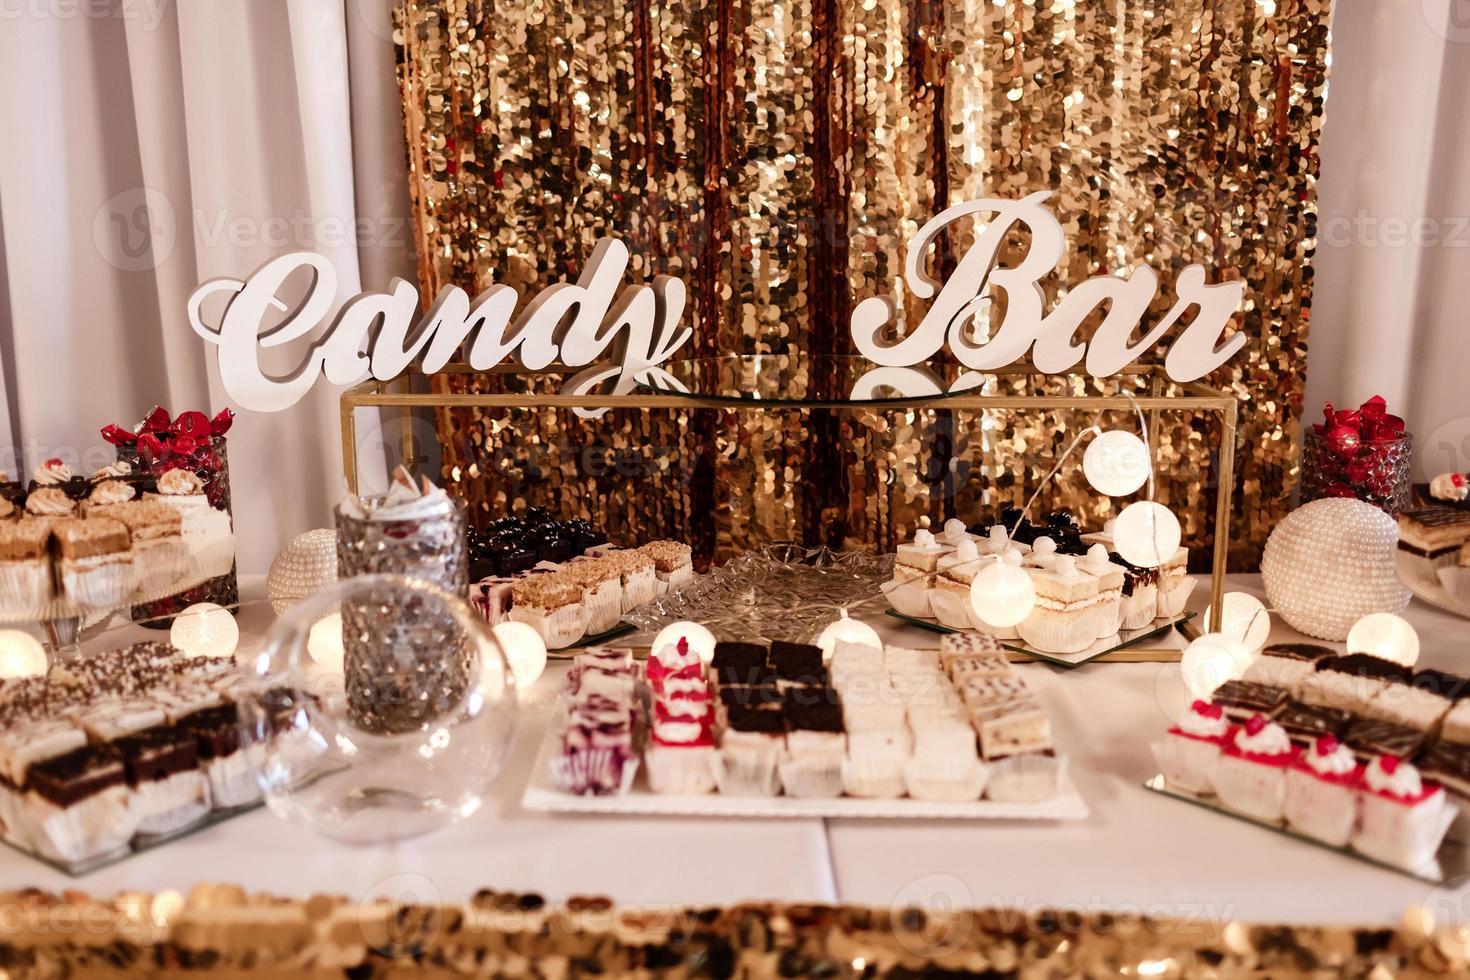 delicioso buffet dulce con cupcakes. buffet de dulces navideños con magdalenas y otros postres. barra de chocolate. foto